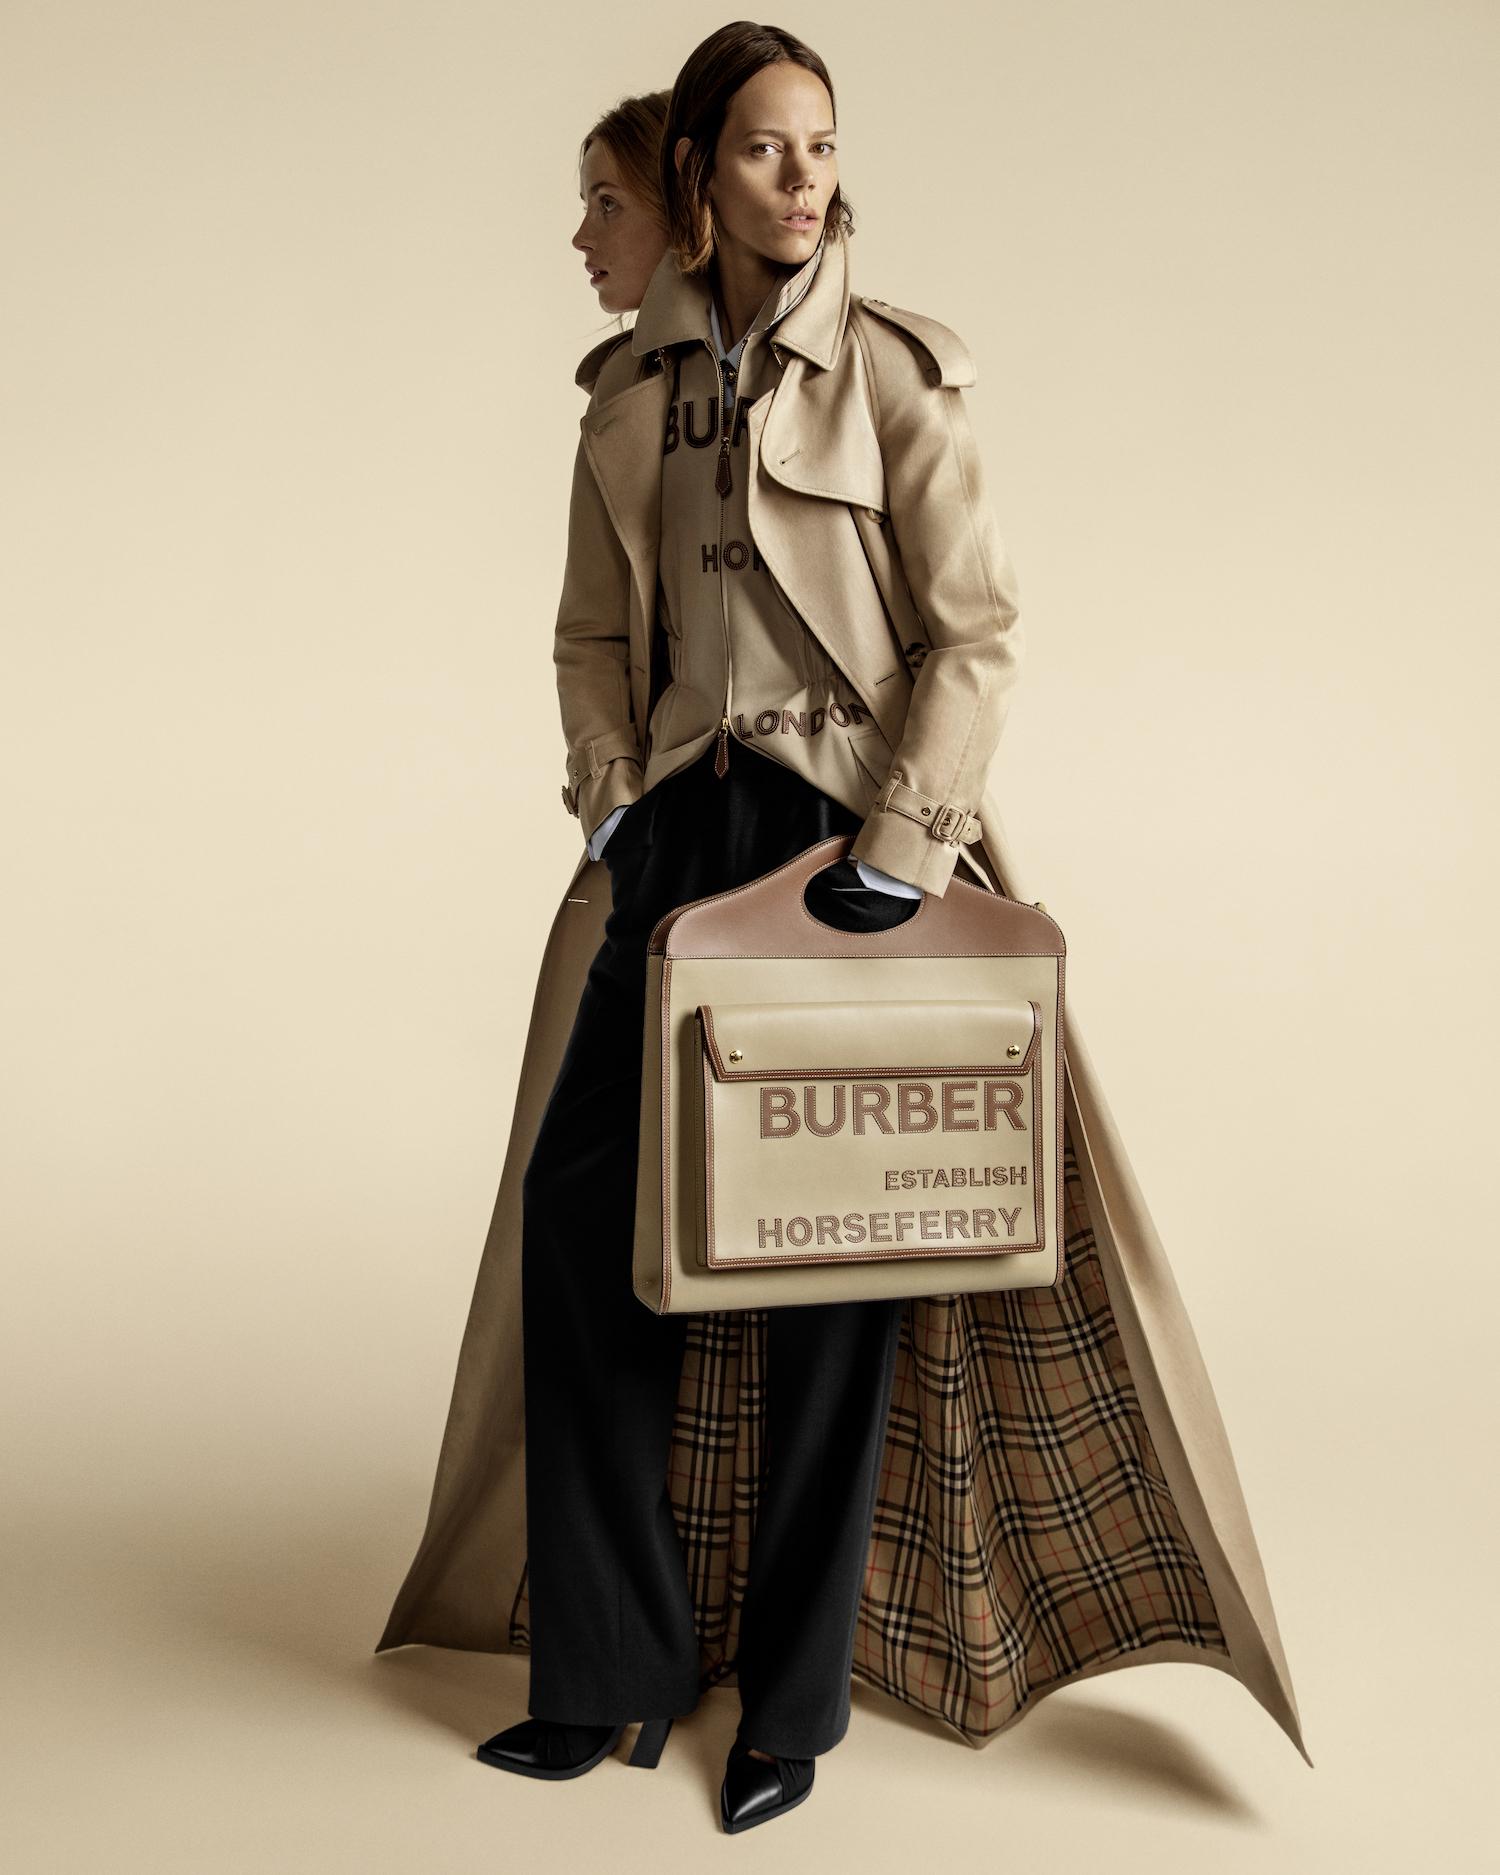 Сентрал Тауэр дахь Burberry брэндэд ямар шинэ загварууд ирсэн бэ? (фото 5)